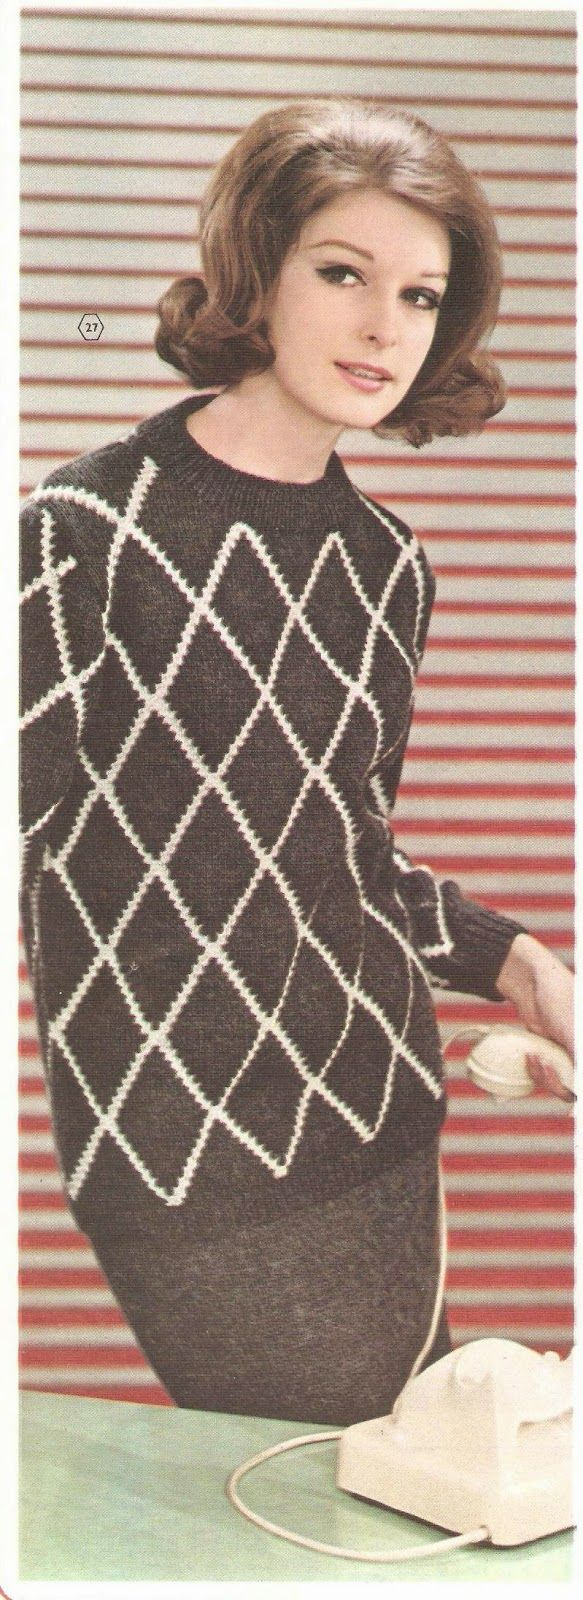 knitting pattern, damestrui, breipatroon, damestrui breien